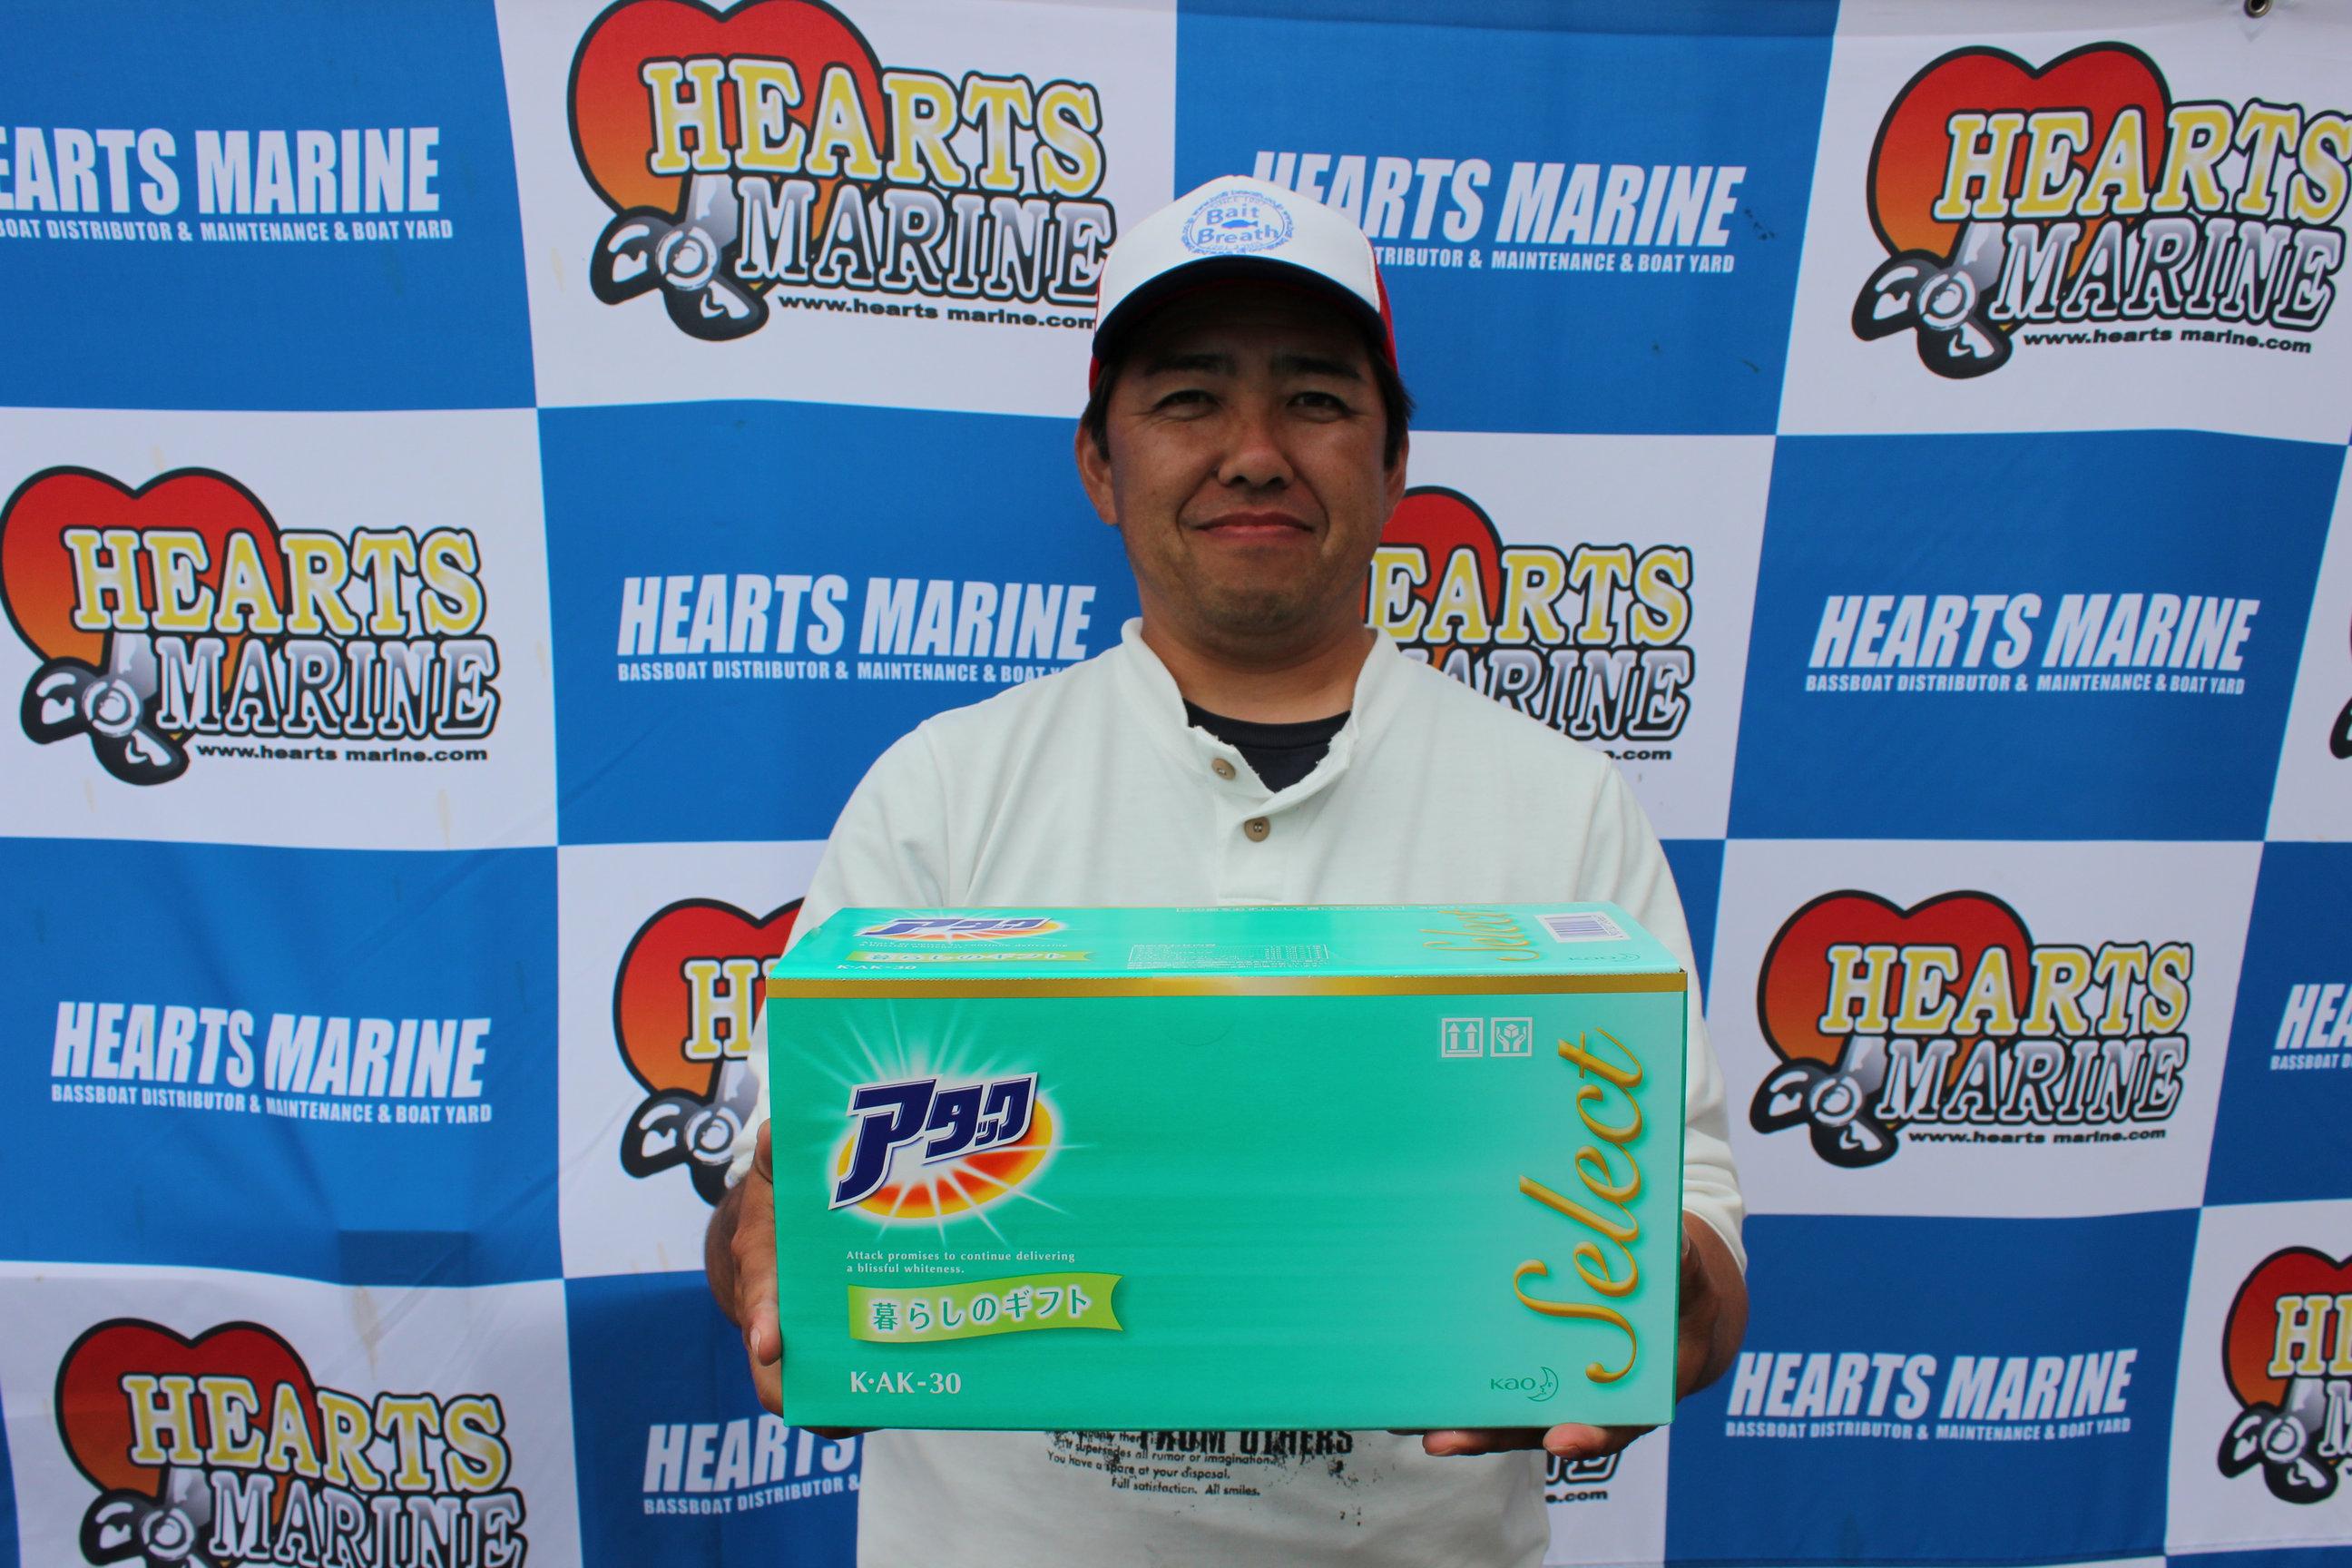 http://www.heartsmarine.com/images/IMG_1127%5B1%5D.jpg